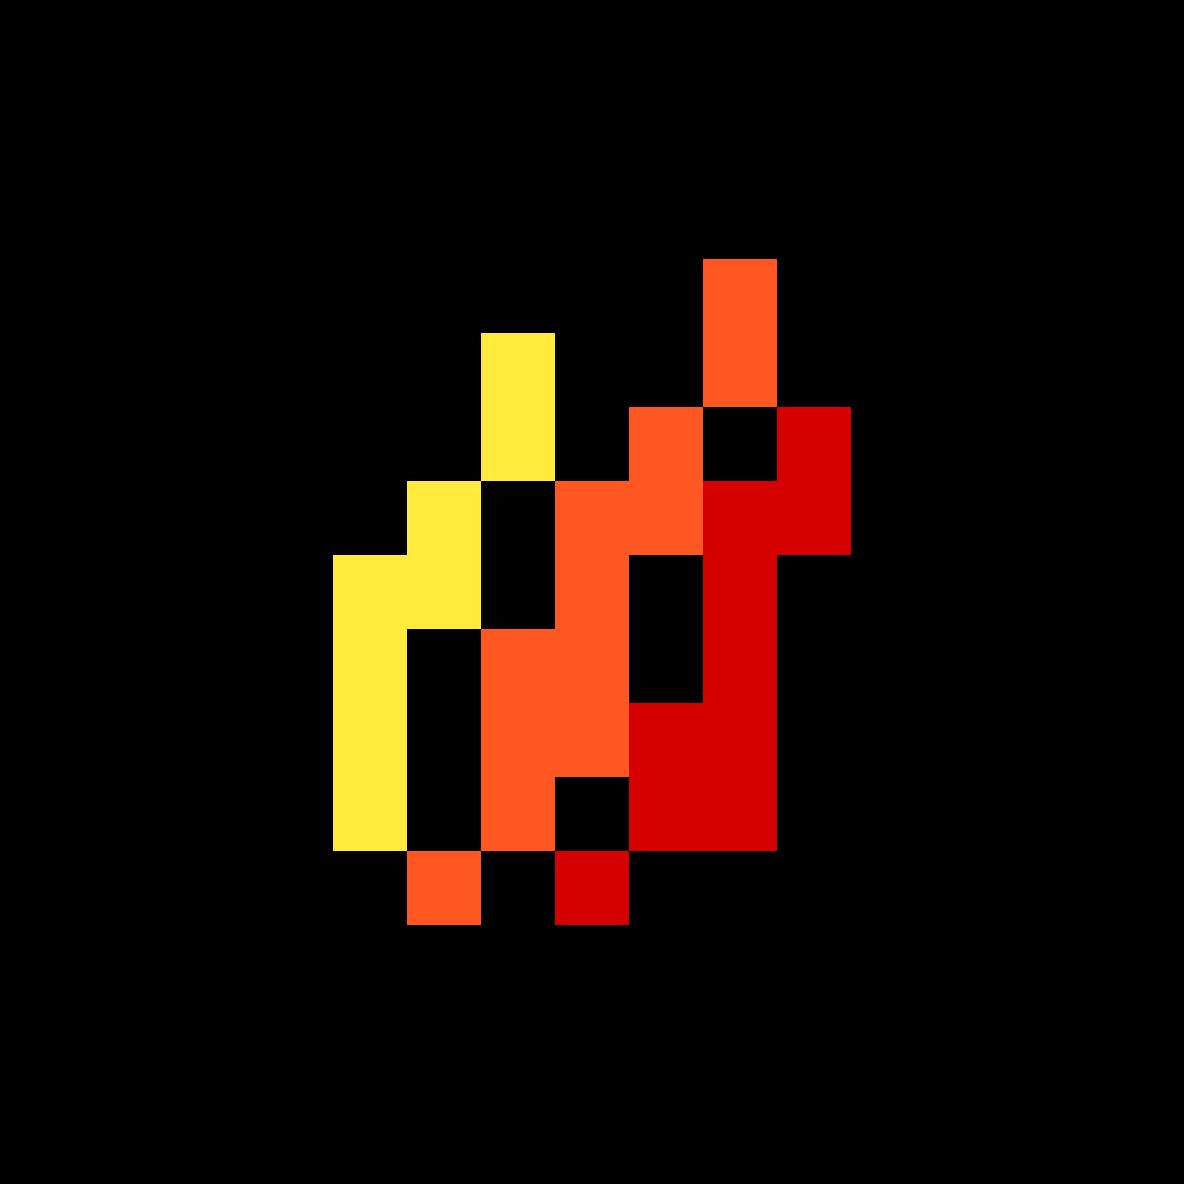 Pixilart - Prestonplayz logo by ROBOJUSTICE